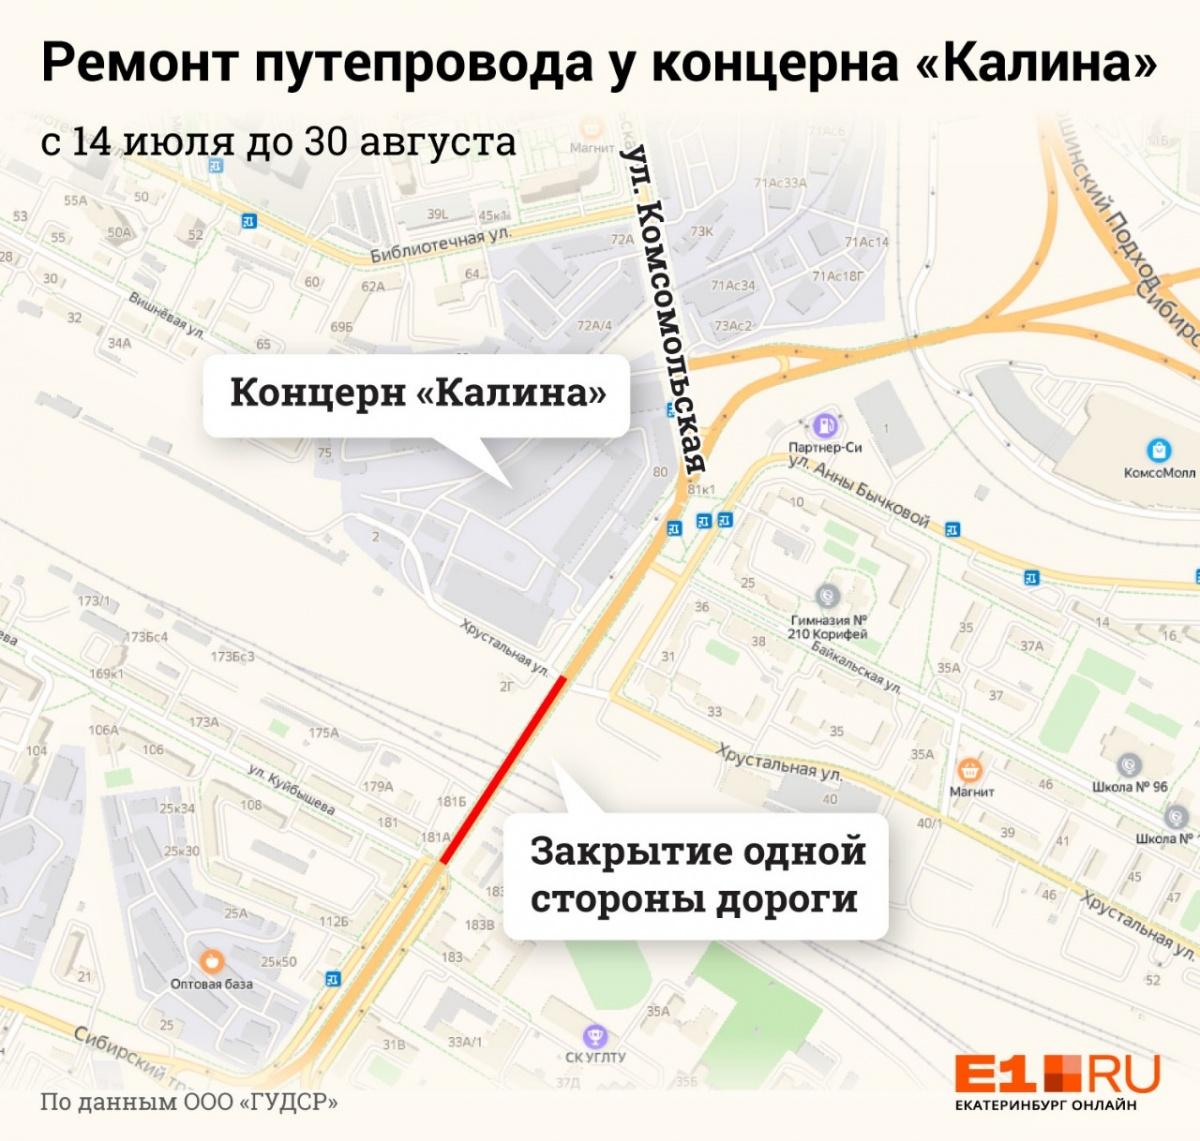 Водителям не позавидуешь: часть моста возле «Калины» закроют на ремонт